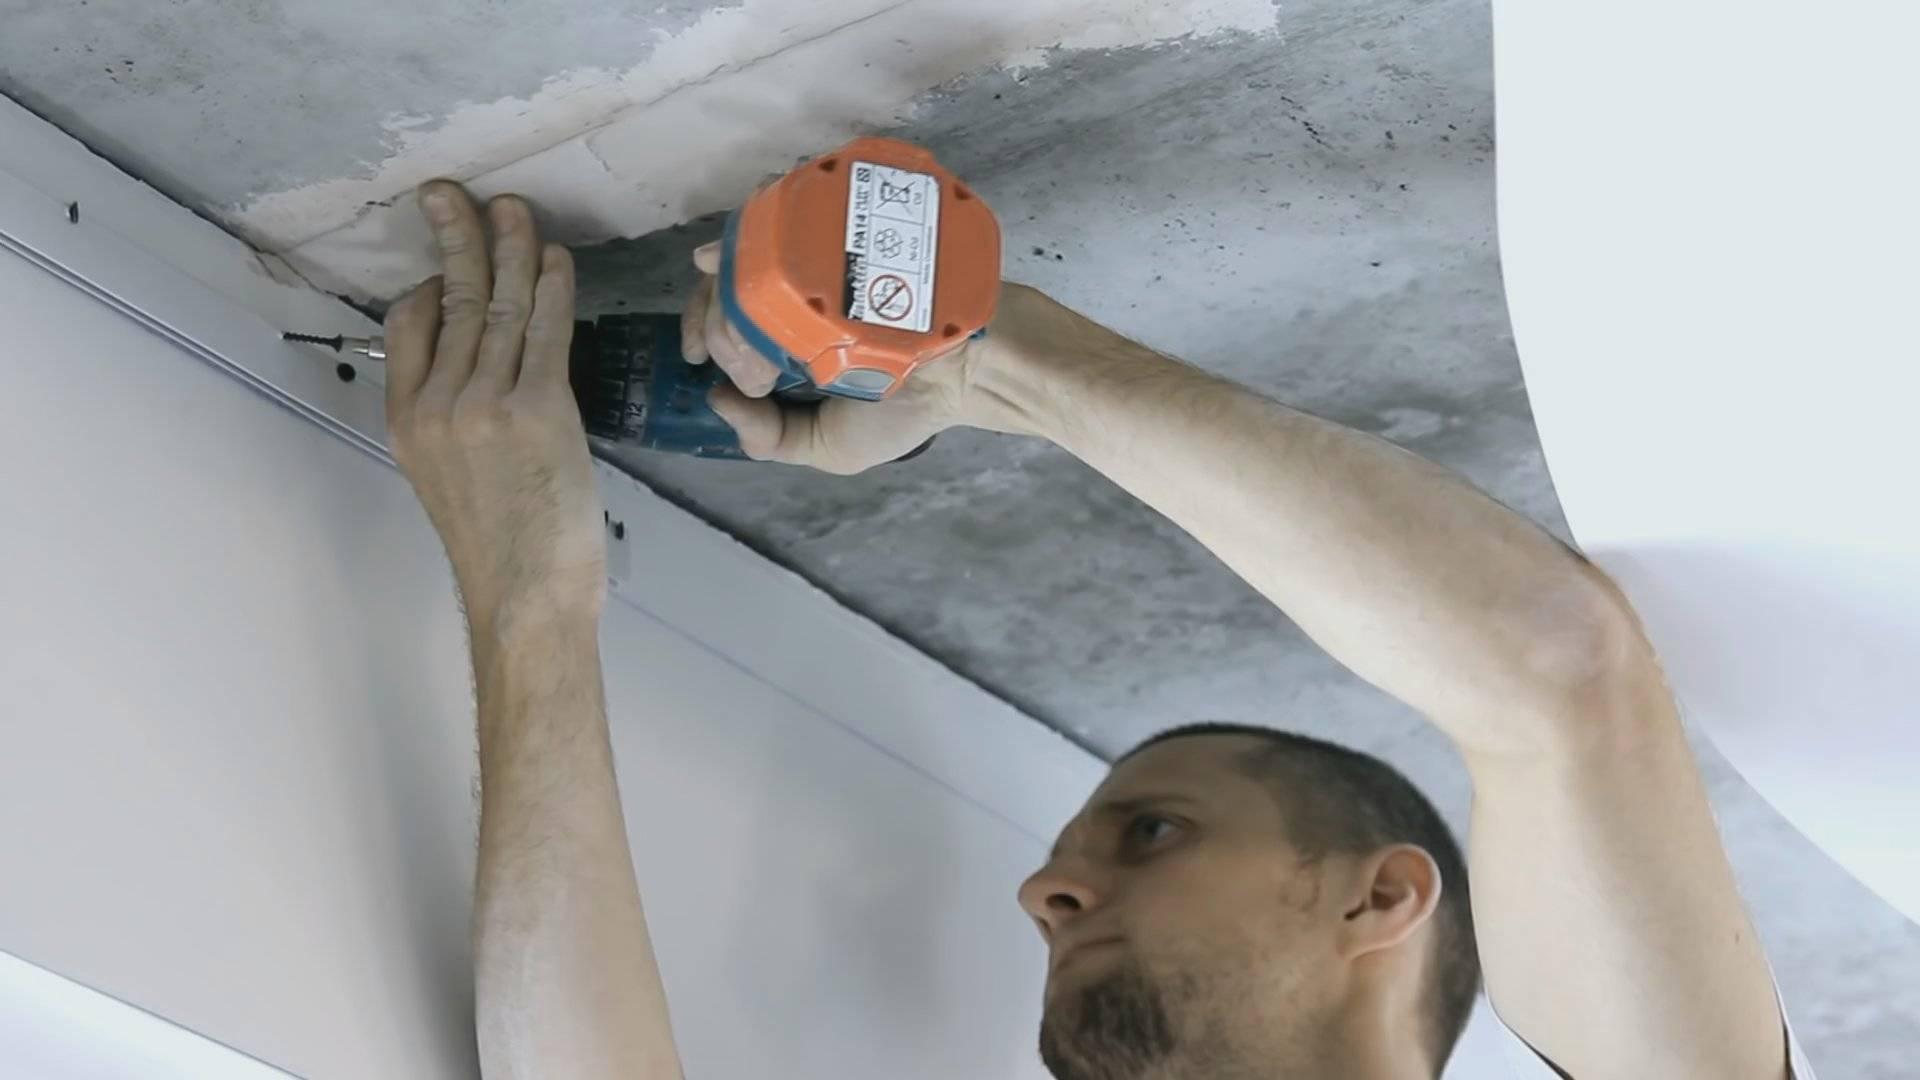 Монтаж натяжных потолков без нагрева. инструкция по установке натяжного потолка без нагреваинформационный строительный сайт  